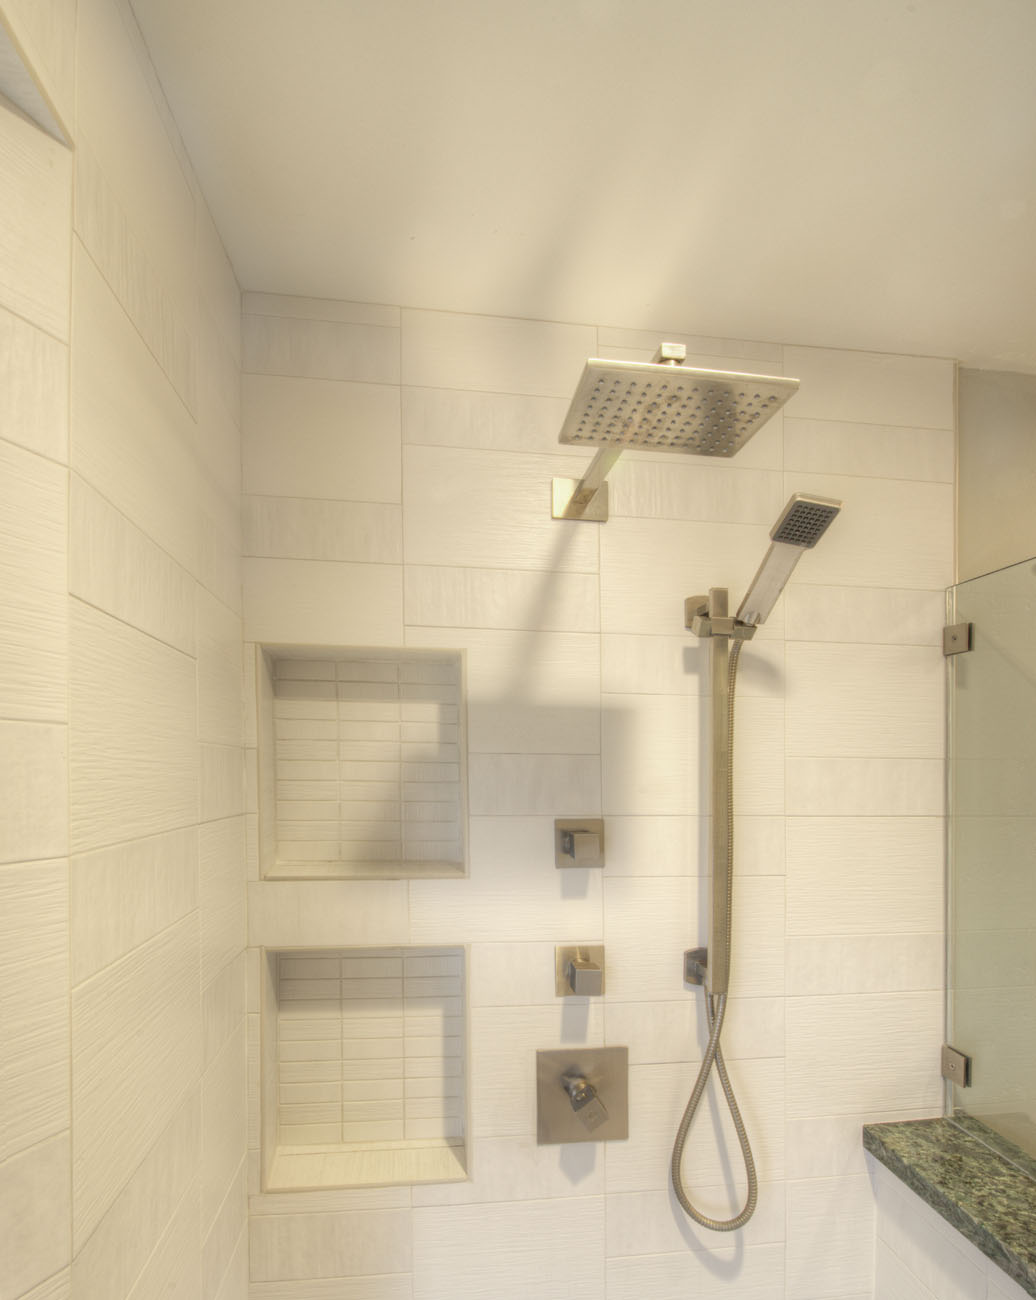 bathroom remodel san diego. Del-cerro-san-diego-03 Bathroom Remodel San Diego I